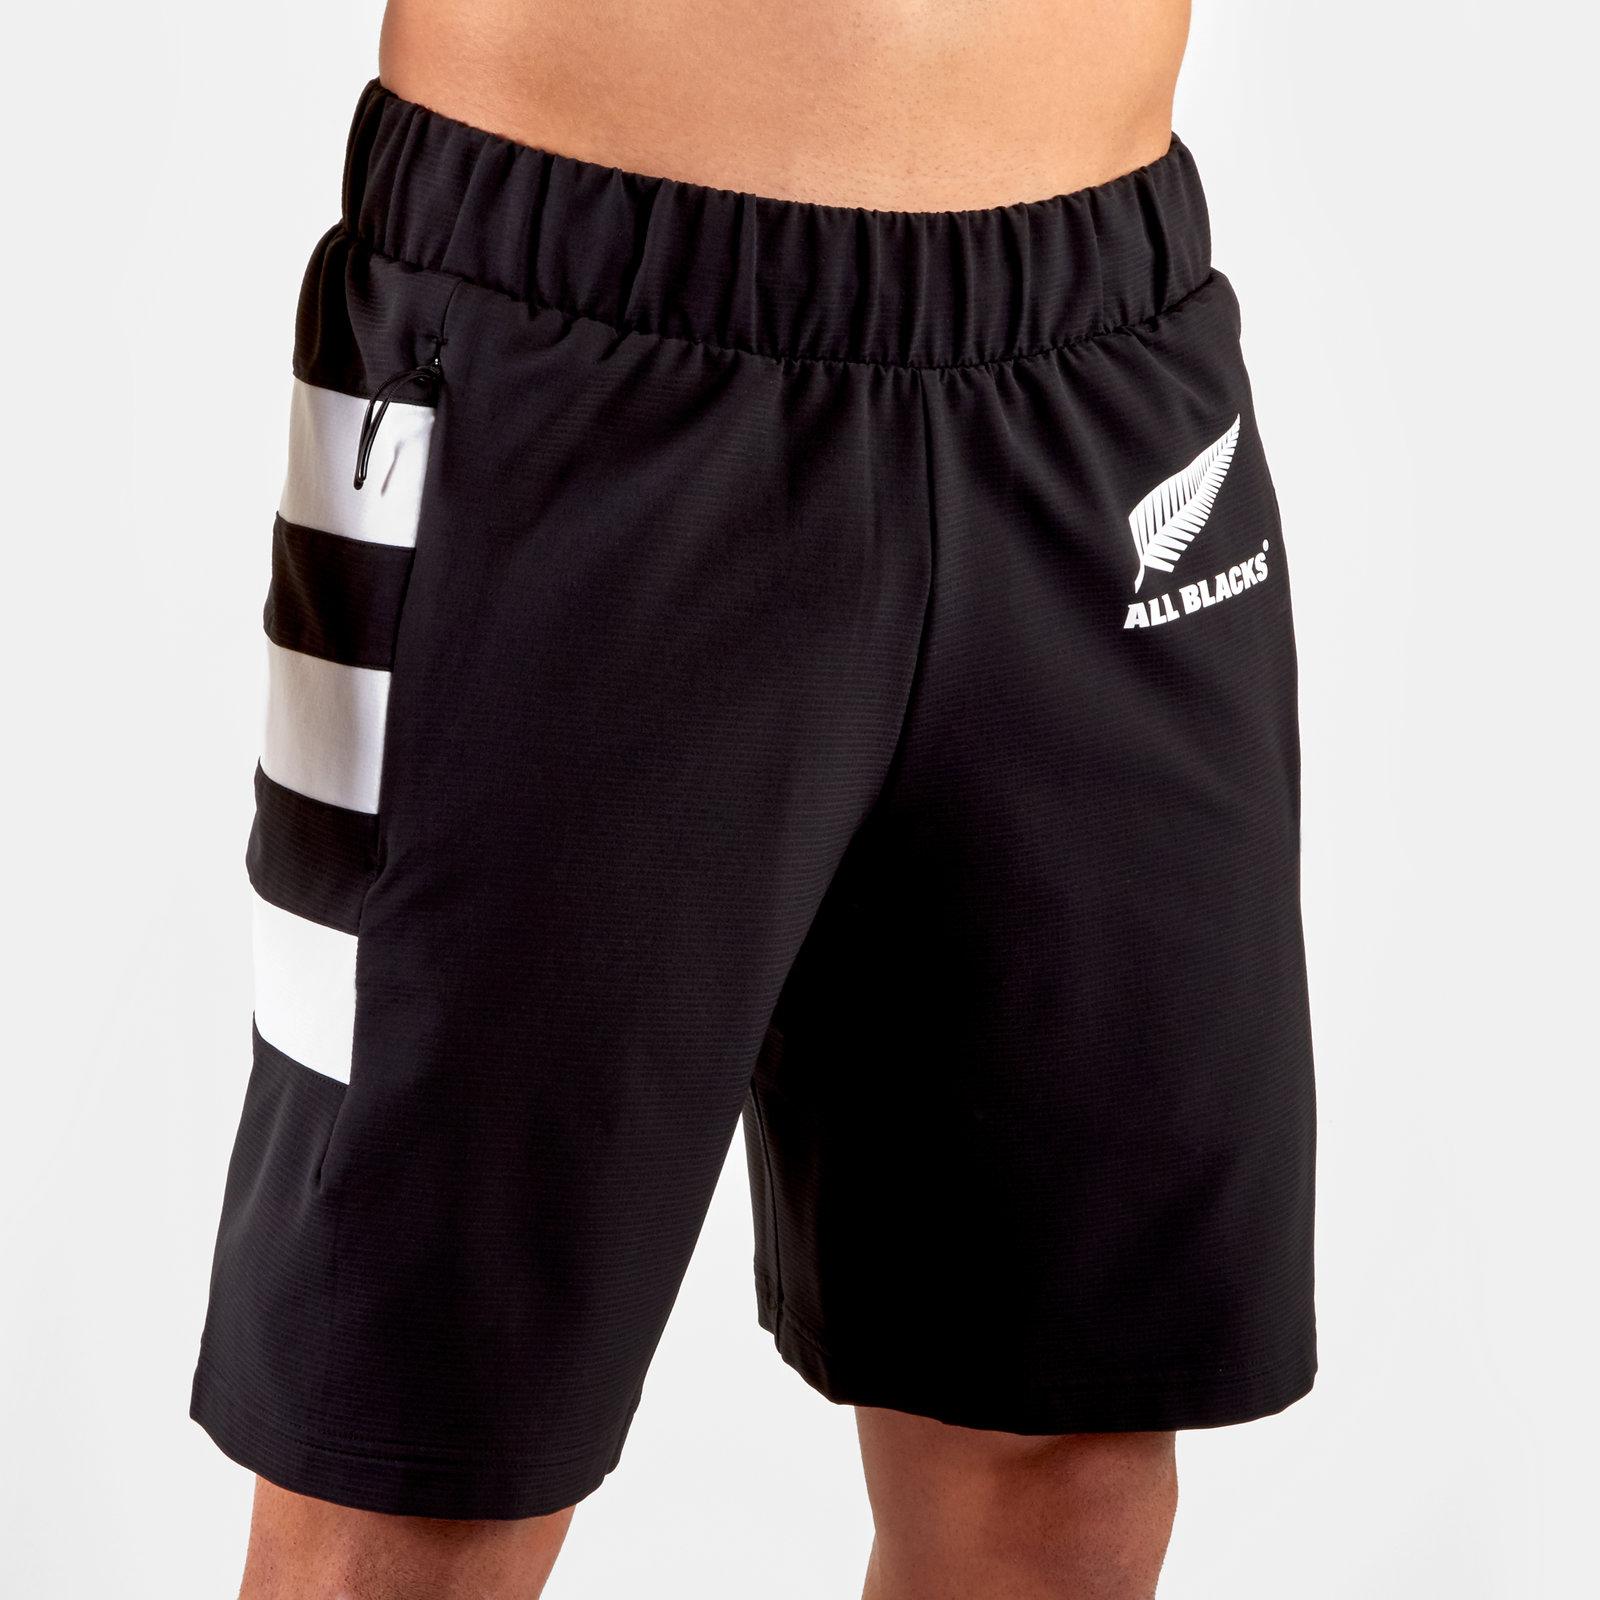 New Zealand All Blacks 2019/20 Woven Shorts Mens